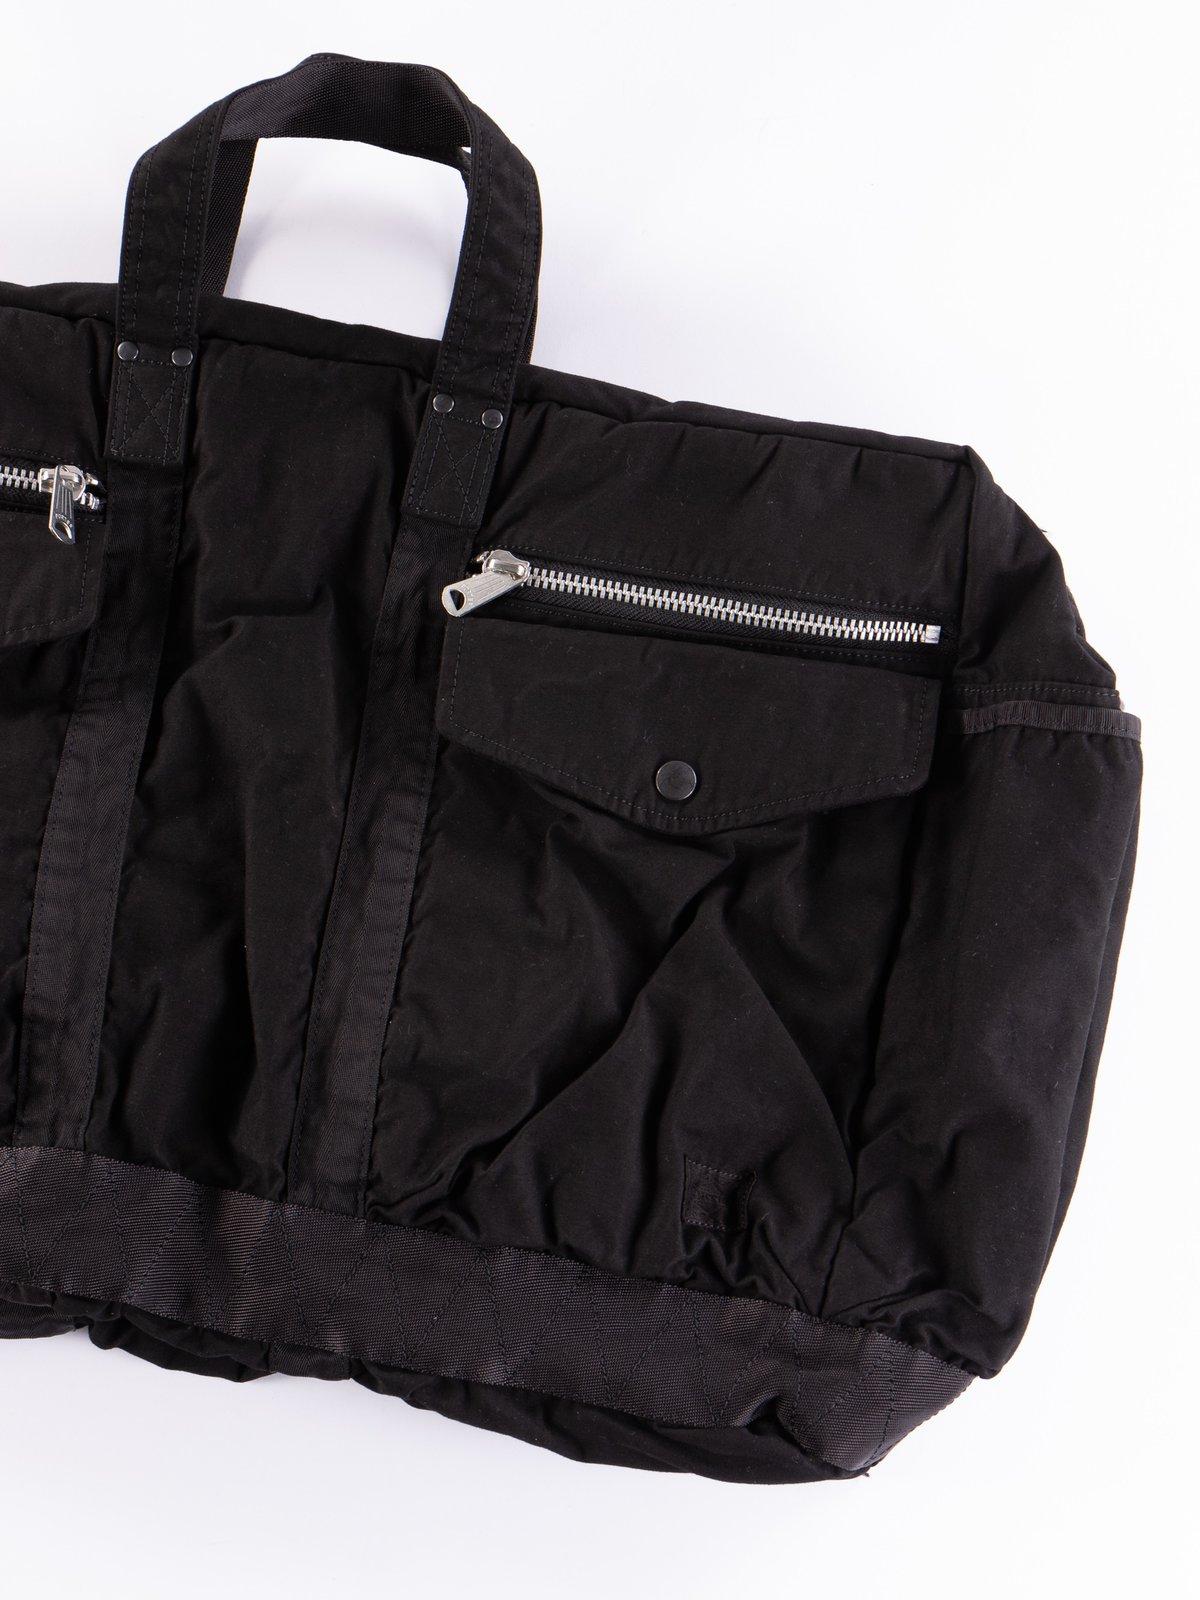 Black Crag 2Way Boston Bag Large - Image 2